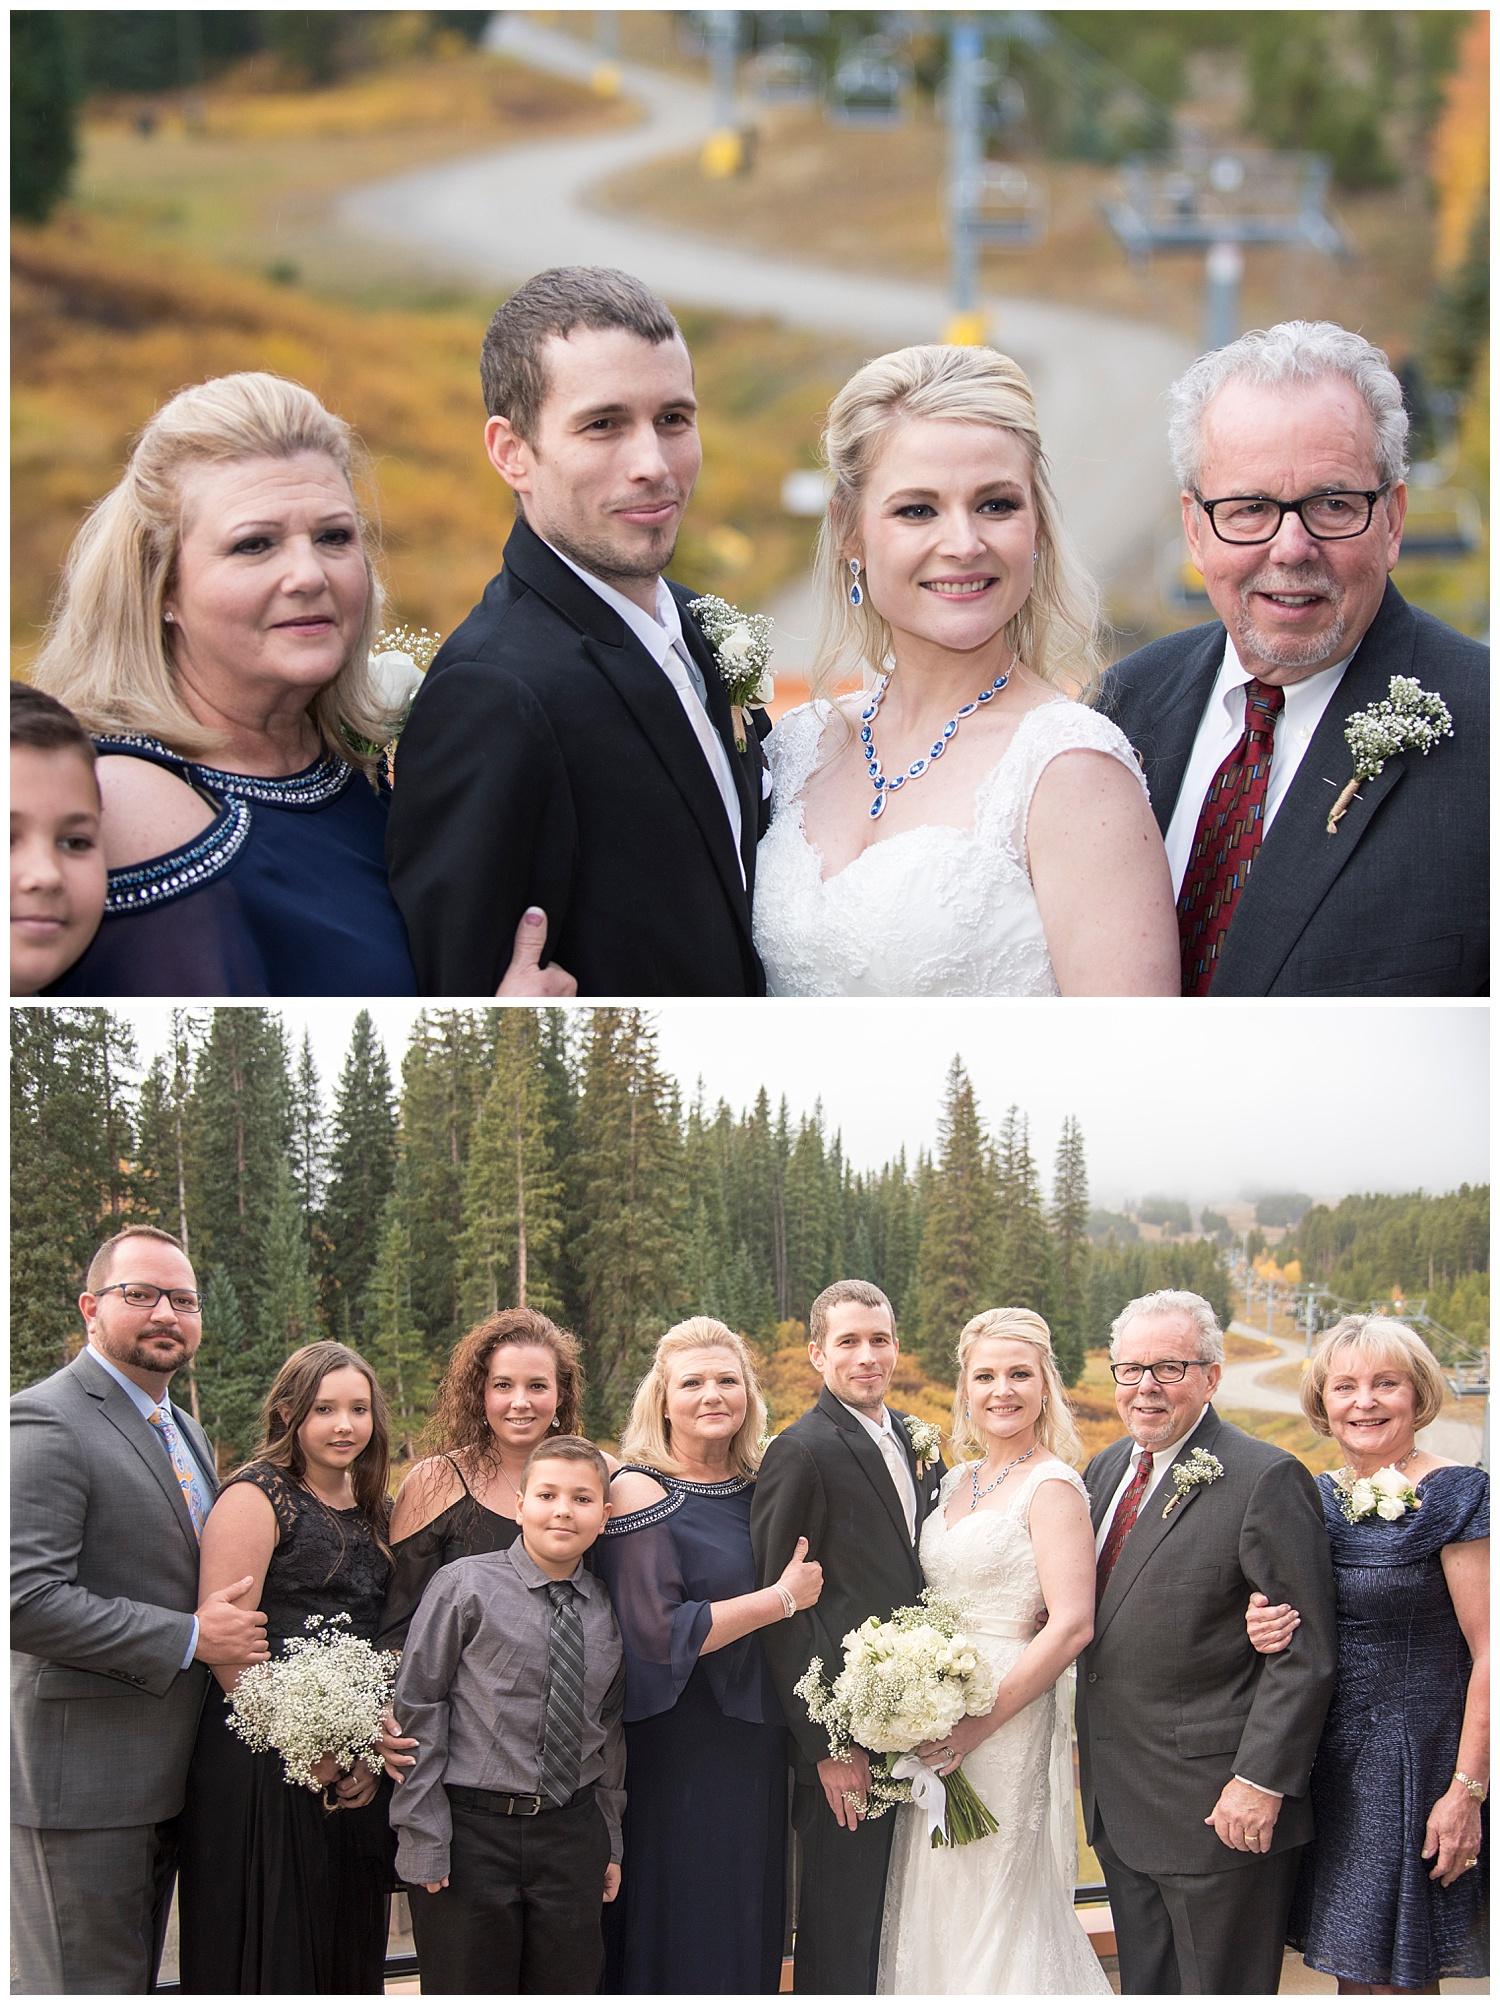 Breckenride_Wedding_Photographer_Ten_Mile_Station_Colorado_Weddings_Autumn_Aspens_Mountain_020.jpg